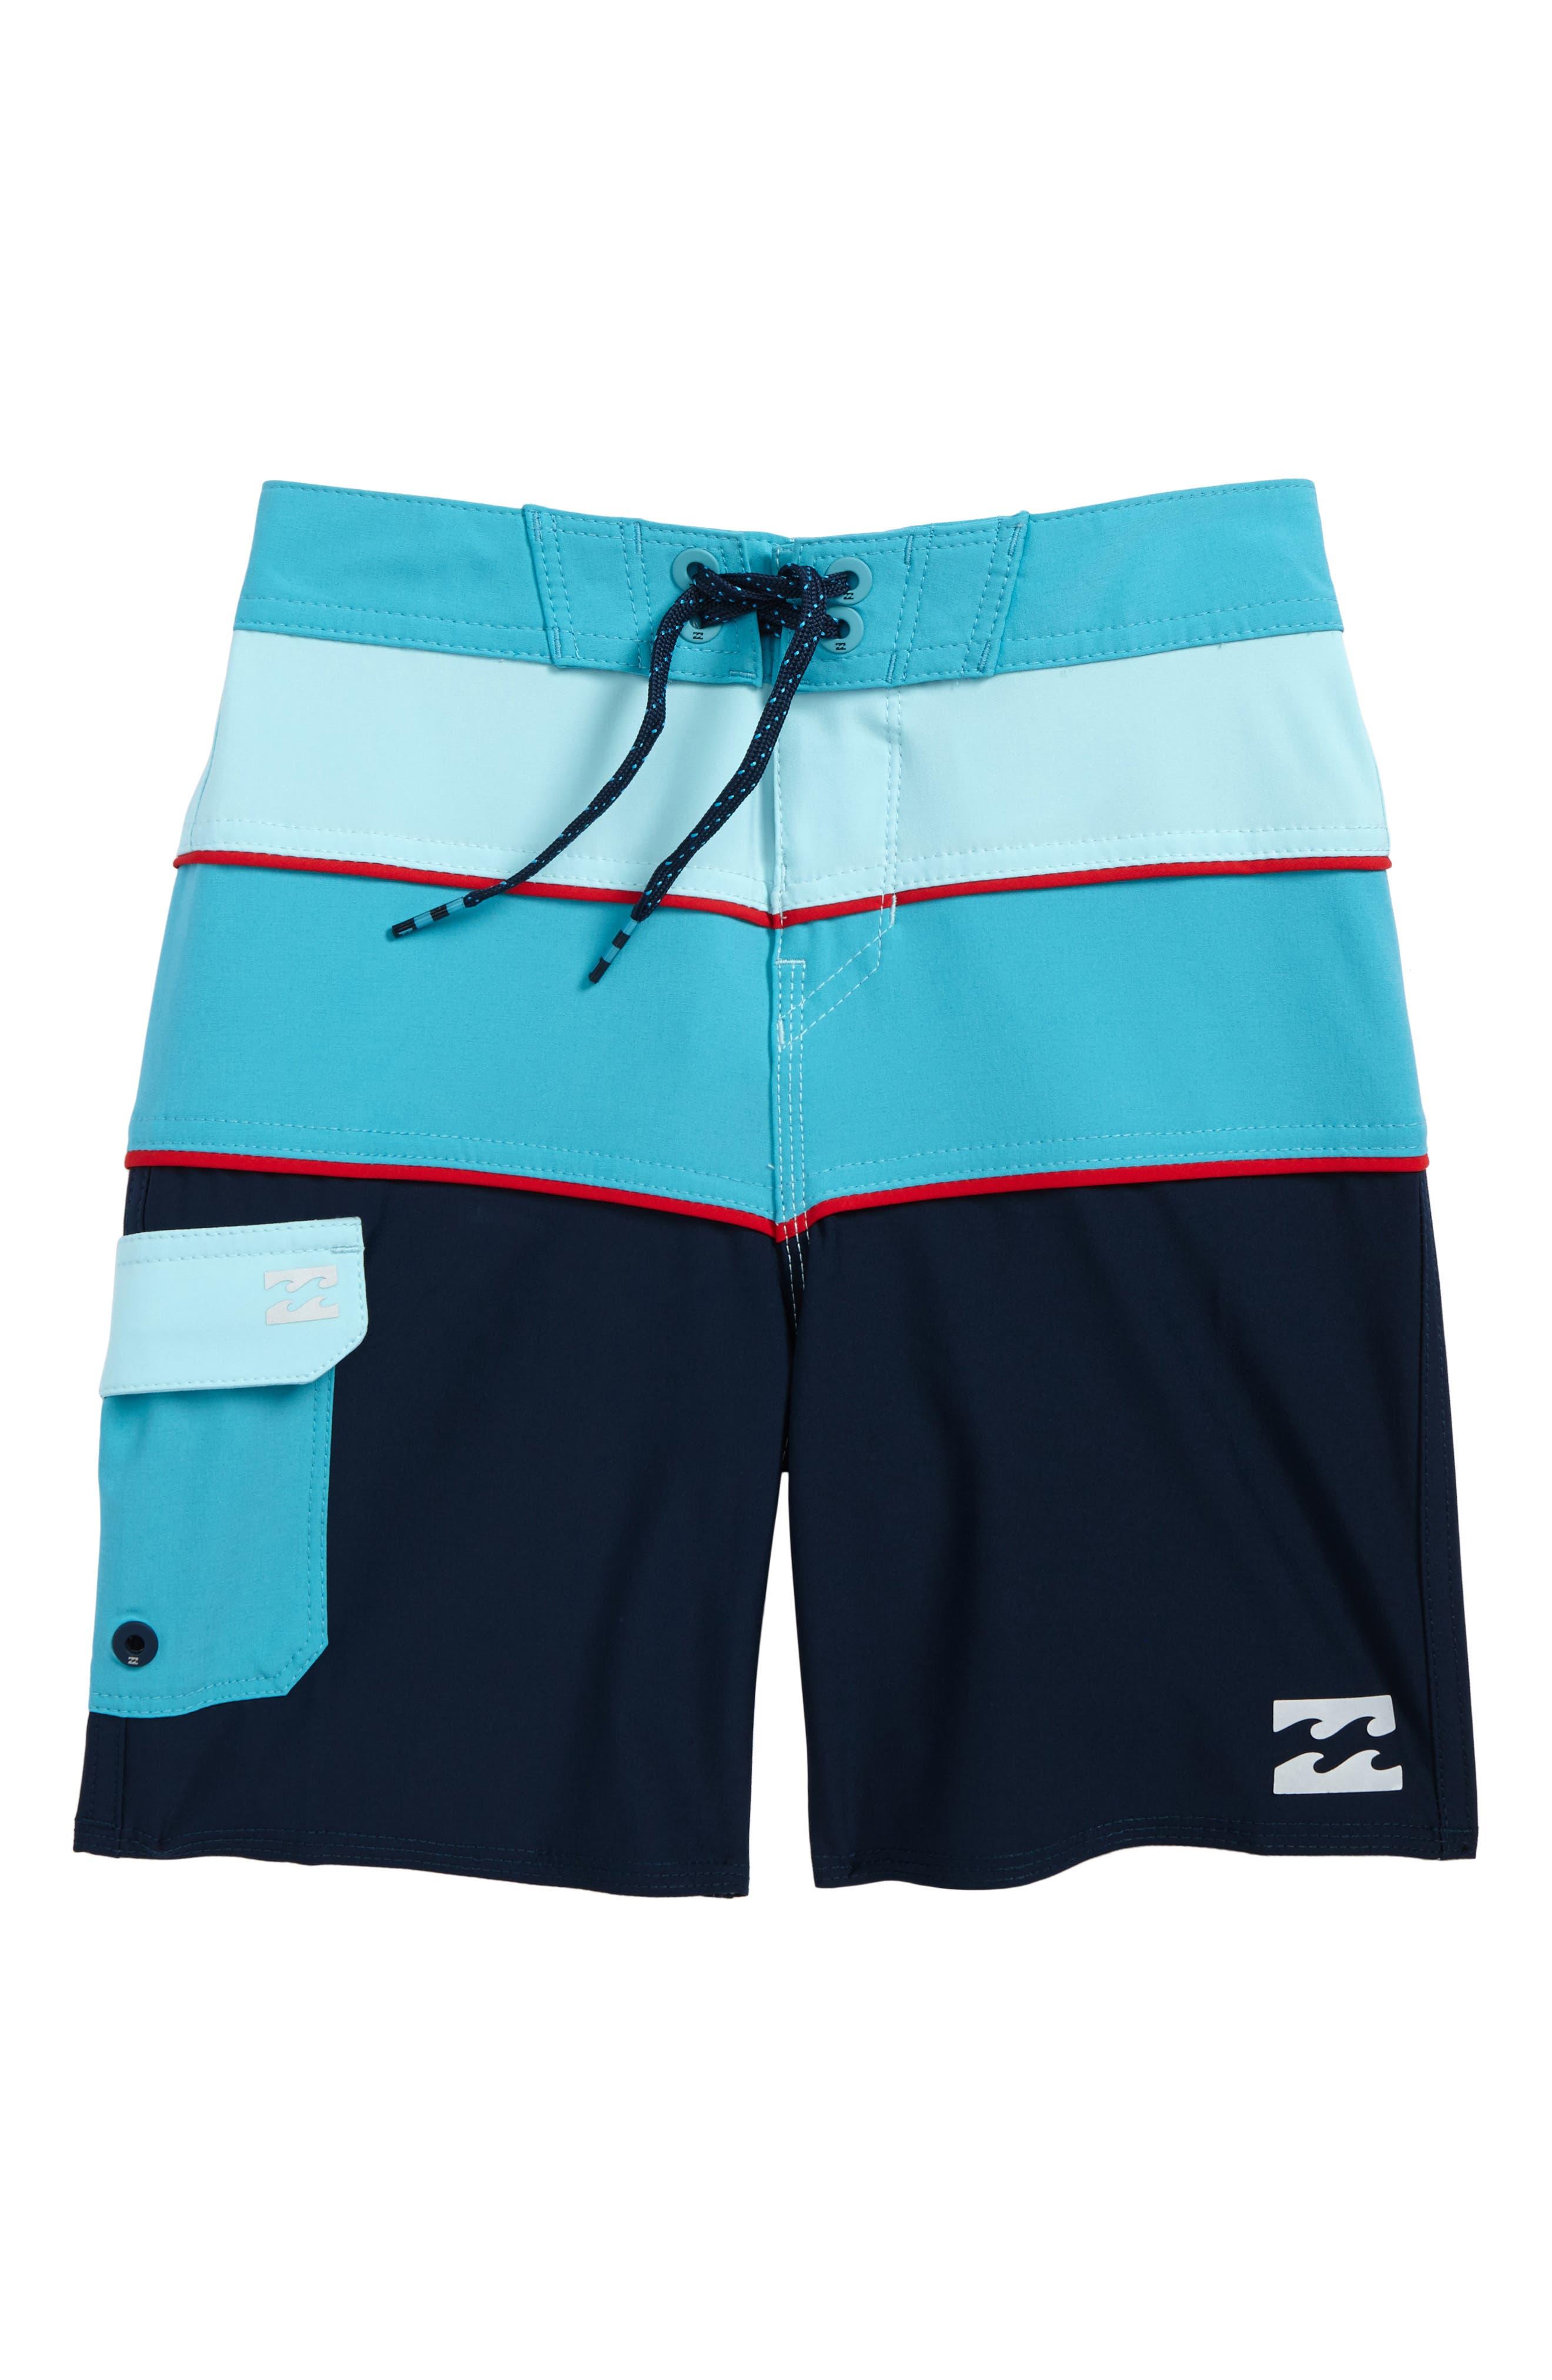 Tribong X Board Shorts,                             Main thumbnail 1, color,                             415